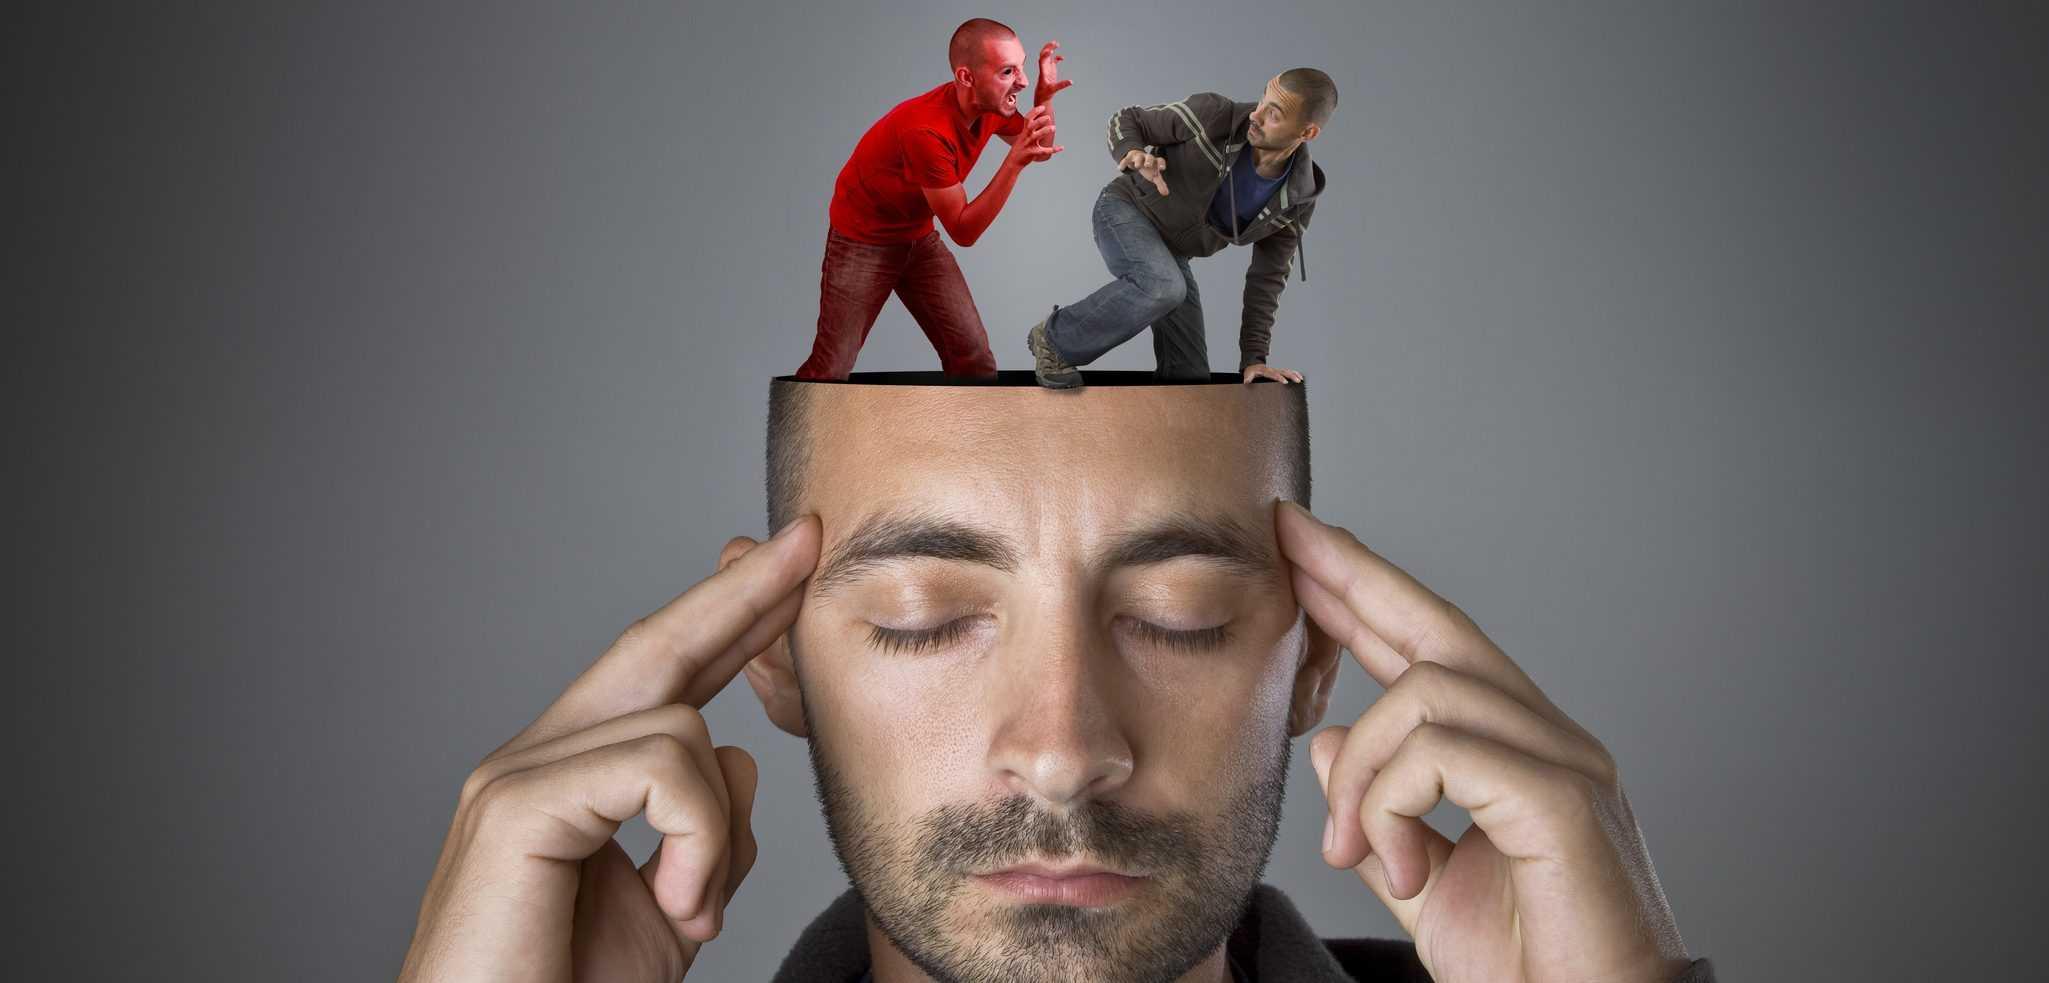 10 механизмов психологической защиты, и как научиться их распознавать